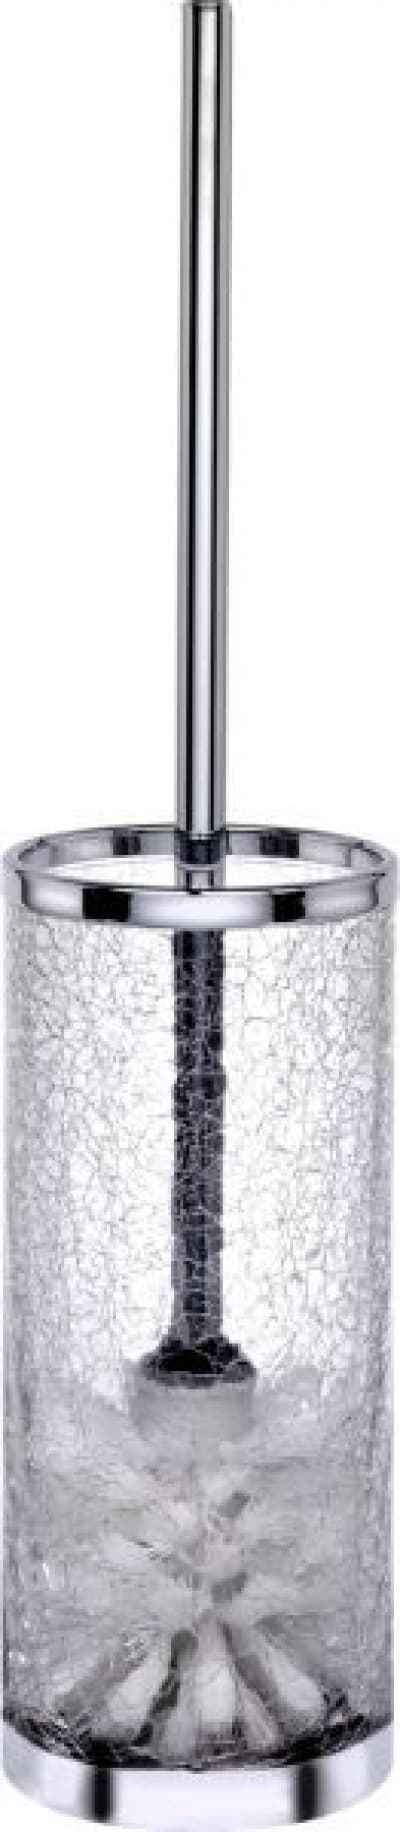 Surya Crystal, напольный ёршик для унитаза без крышки, цвет золото - стекло с эффектом волны 6609/GO-WAV